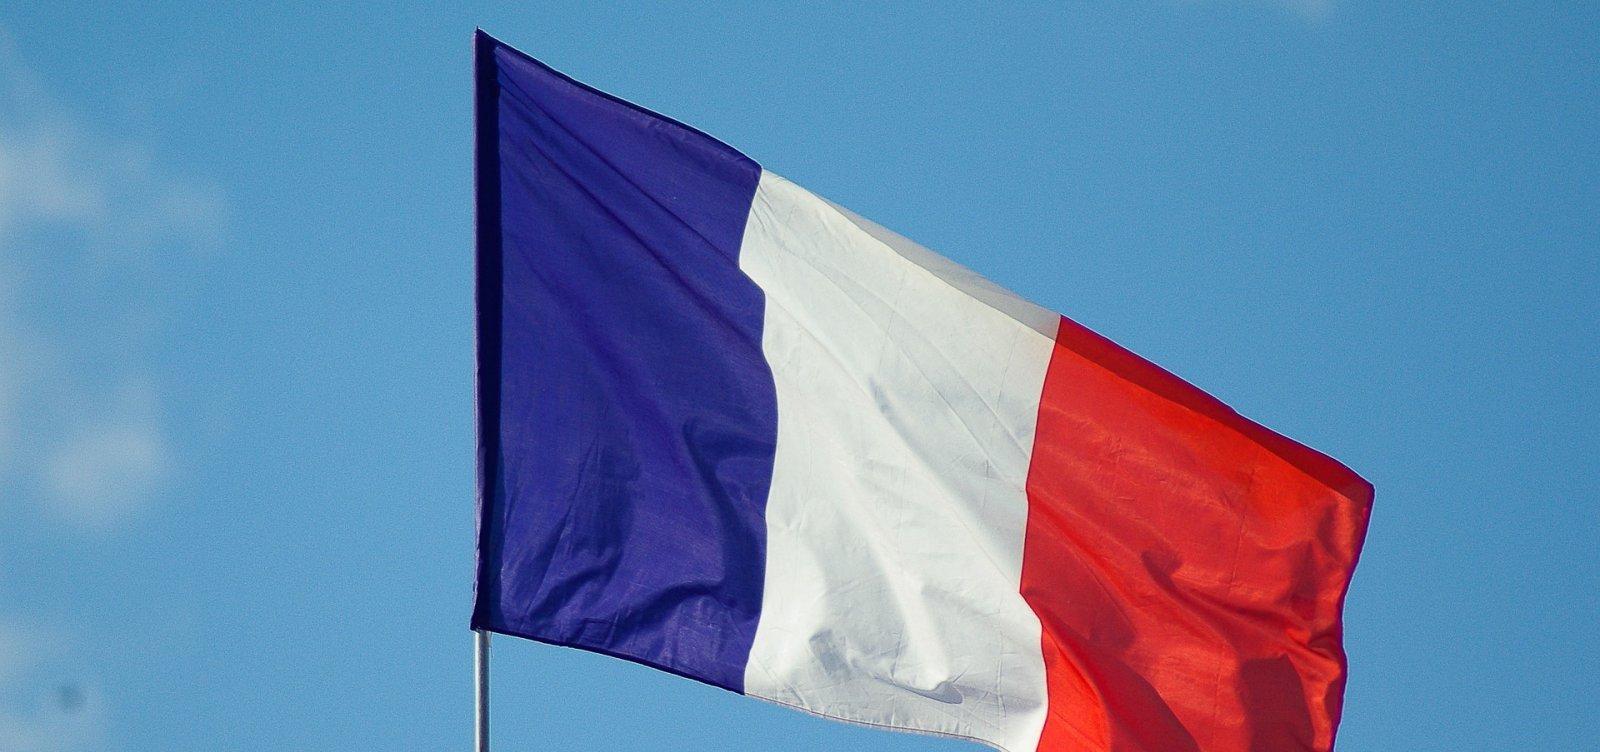 Covid-19: França antecipa toque de recolher e aperta controles de fronteira